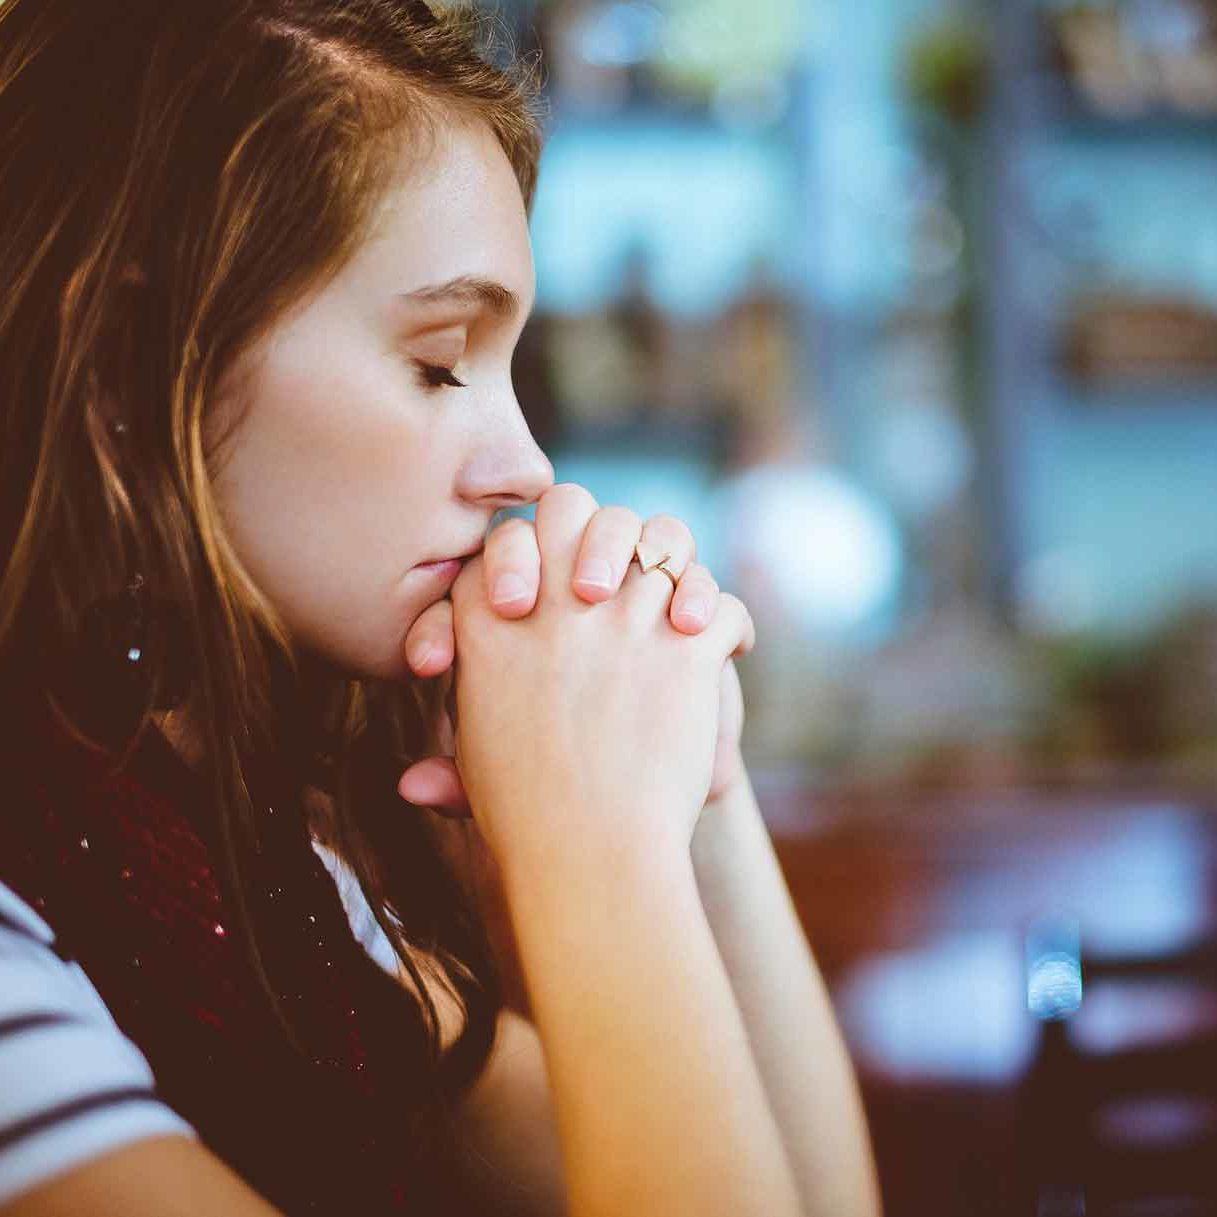 Wie kann man die Generation Z mit Kirche begeistern - Junge FGrau betend